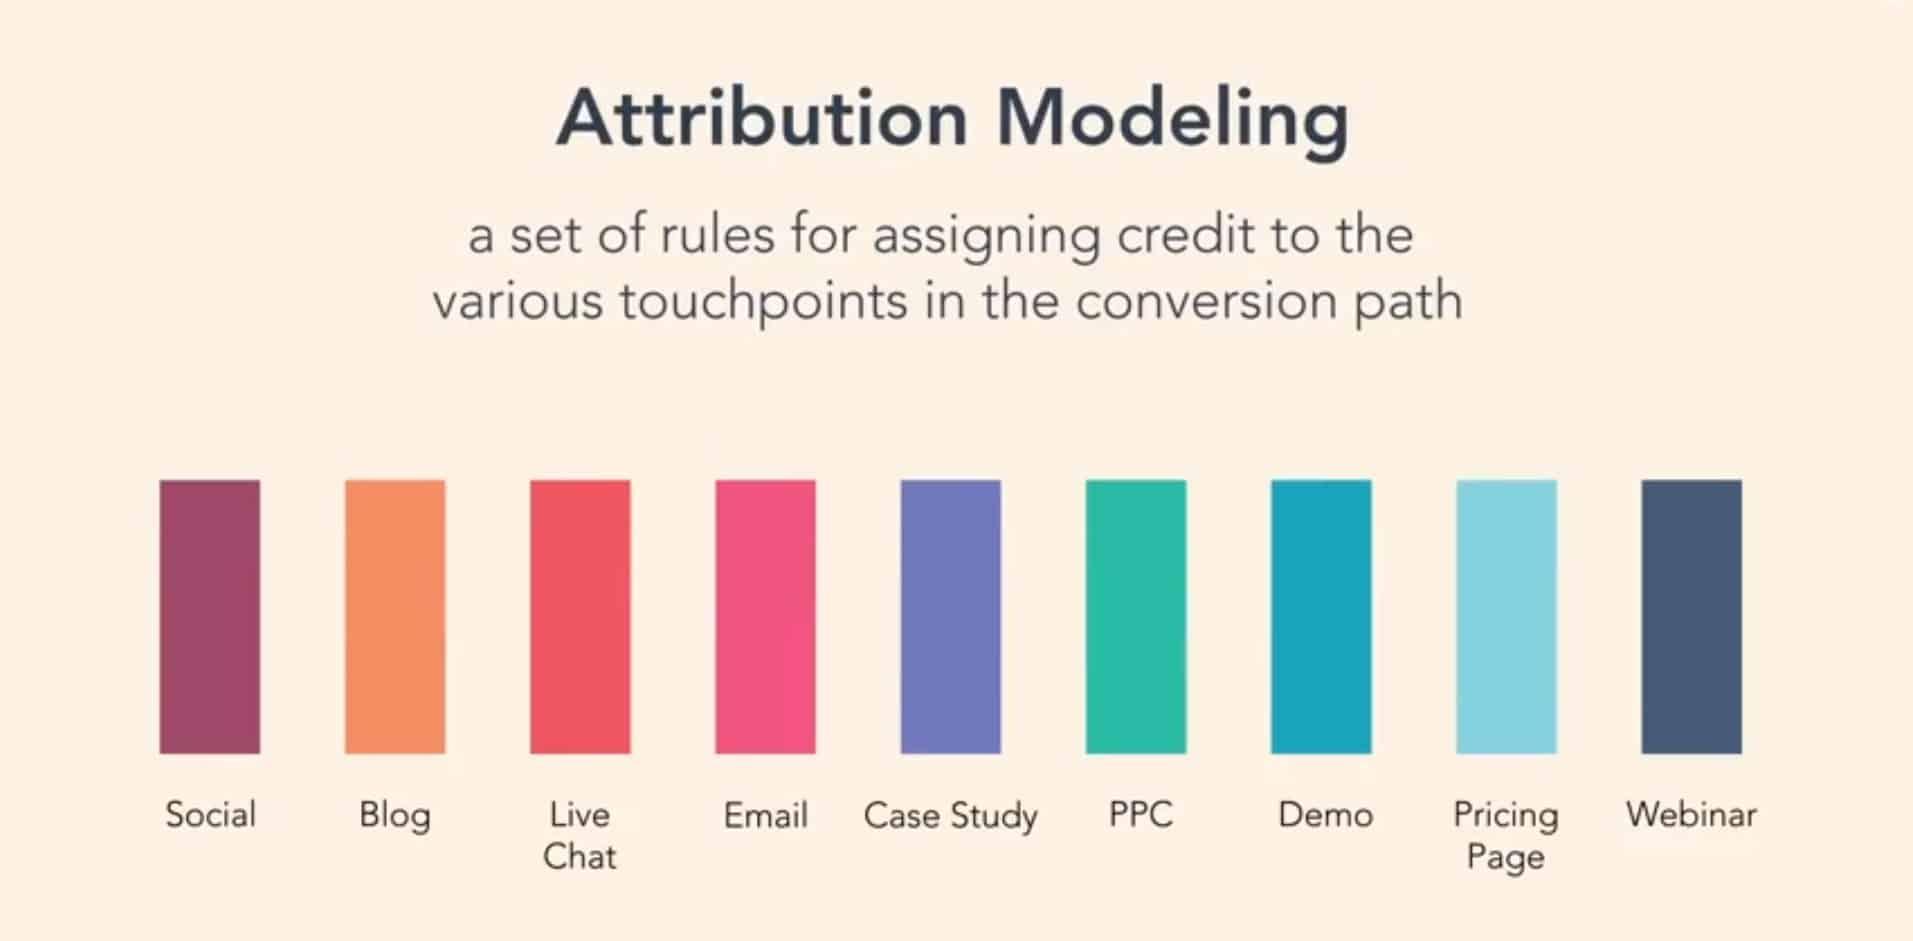 مدل تخصیص در دیجیتال مارکتینگ چیست